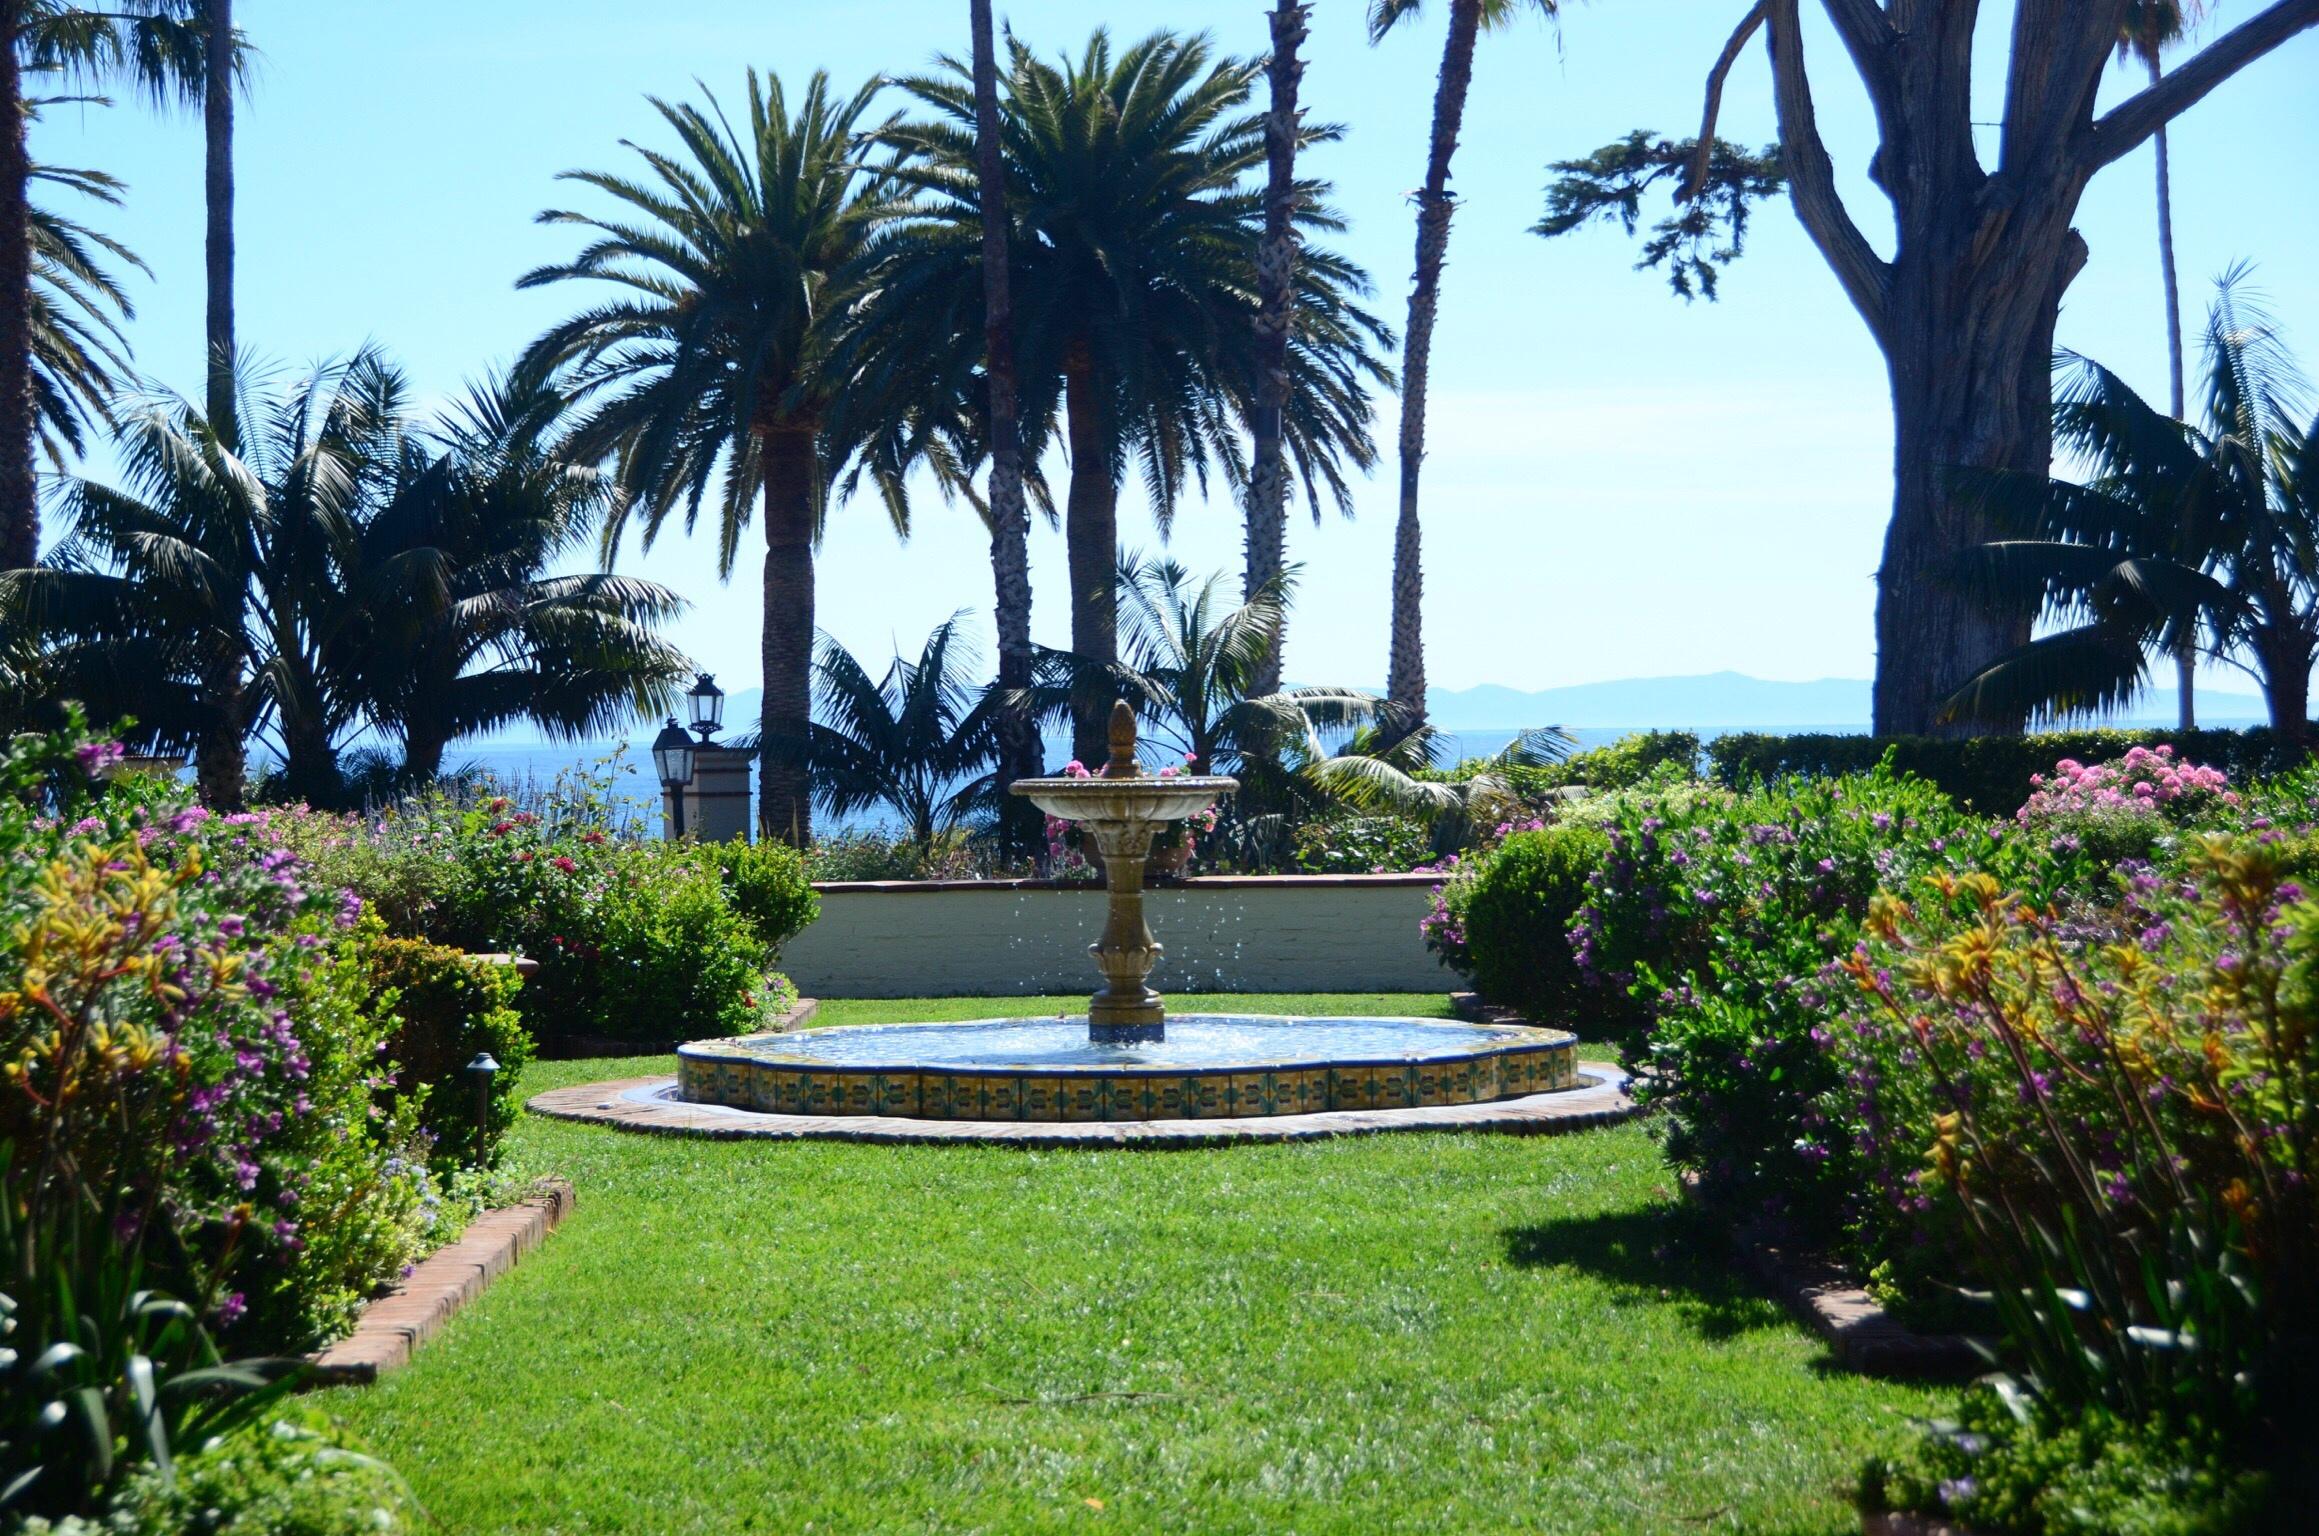 Four Seasons Resort The Biltmore Santa Barbara Front Lawn